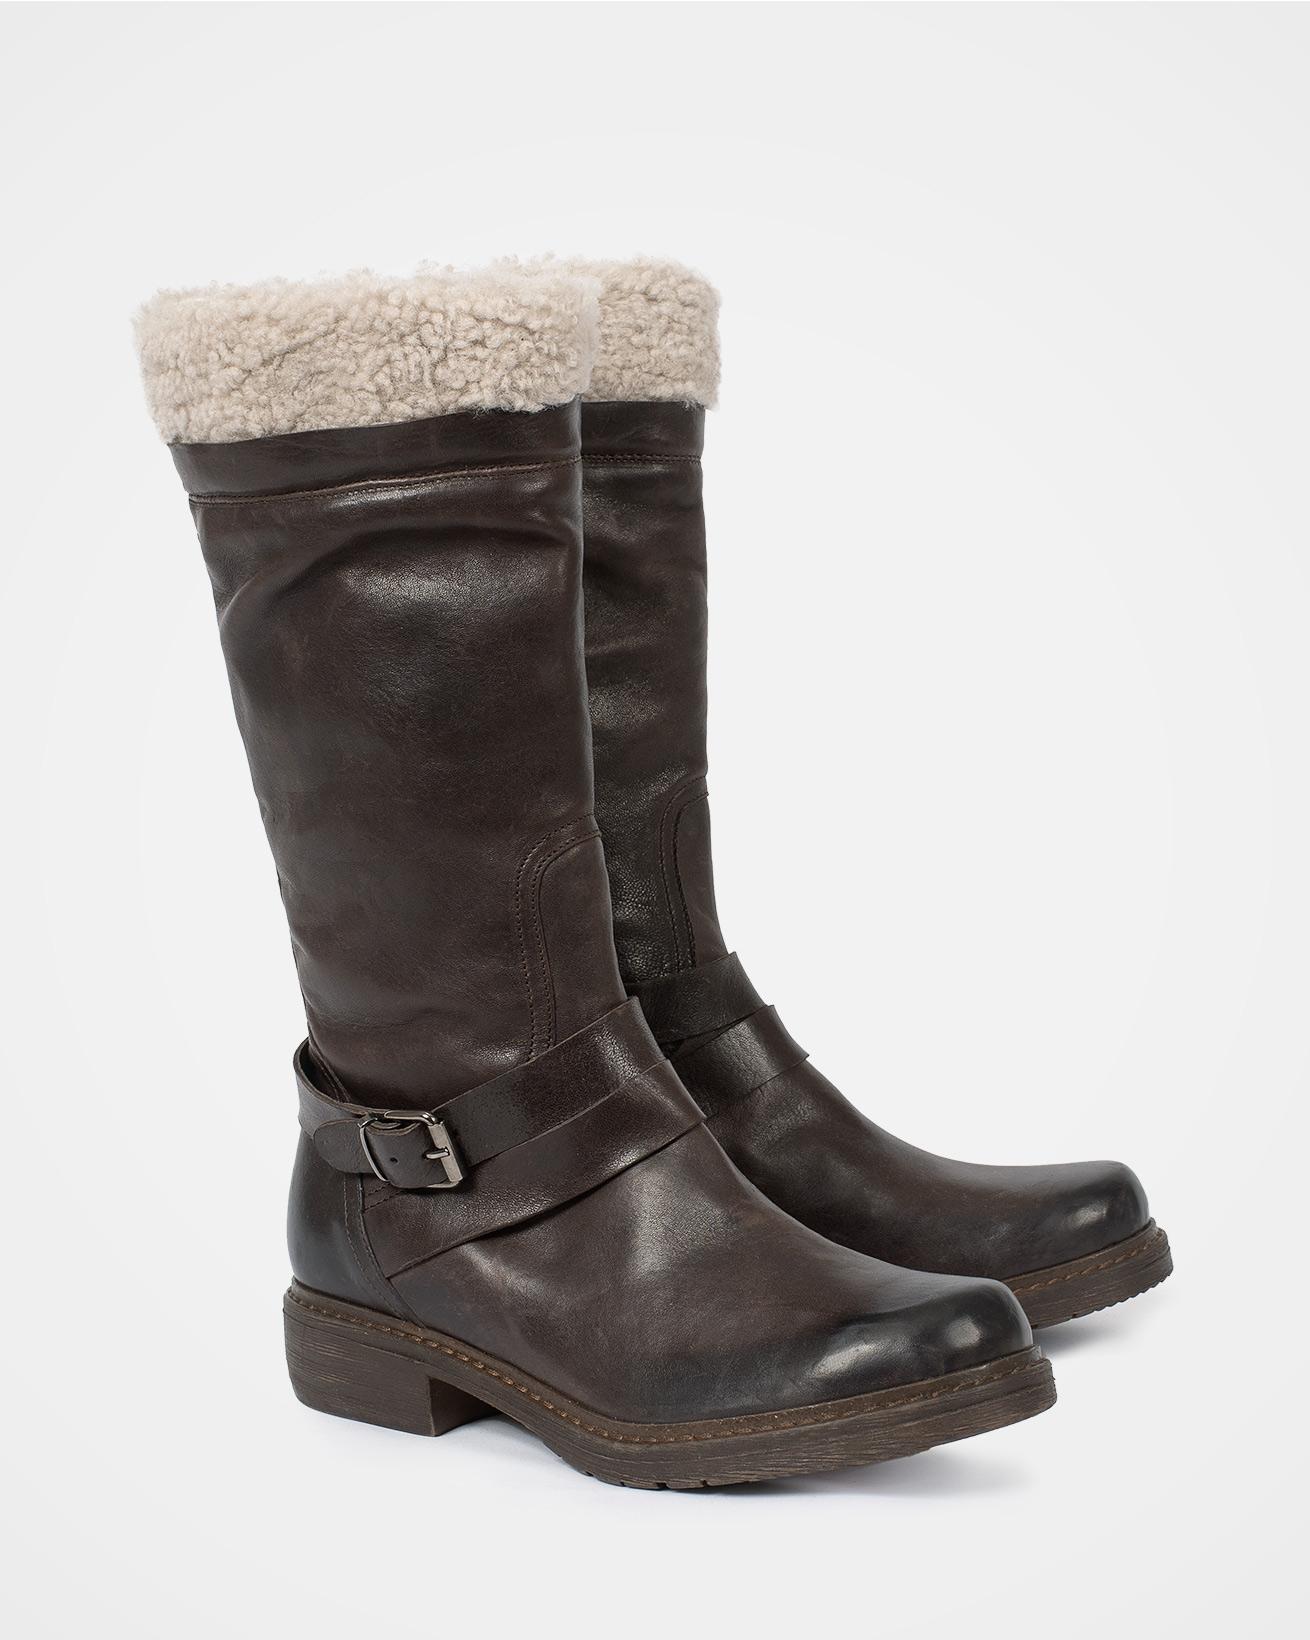 7736_sheepskin-trim-cuff-long-boot_tanners-brown_pair.jpg